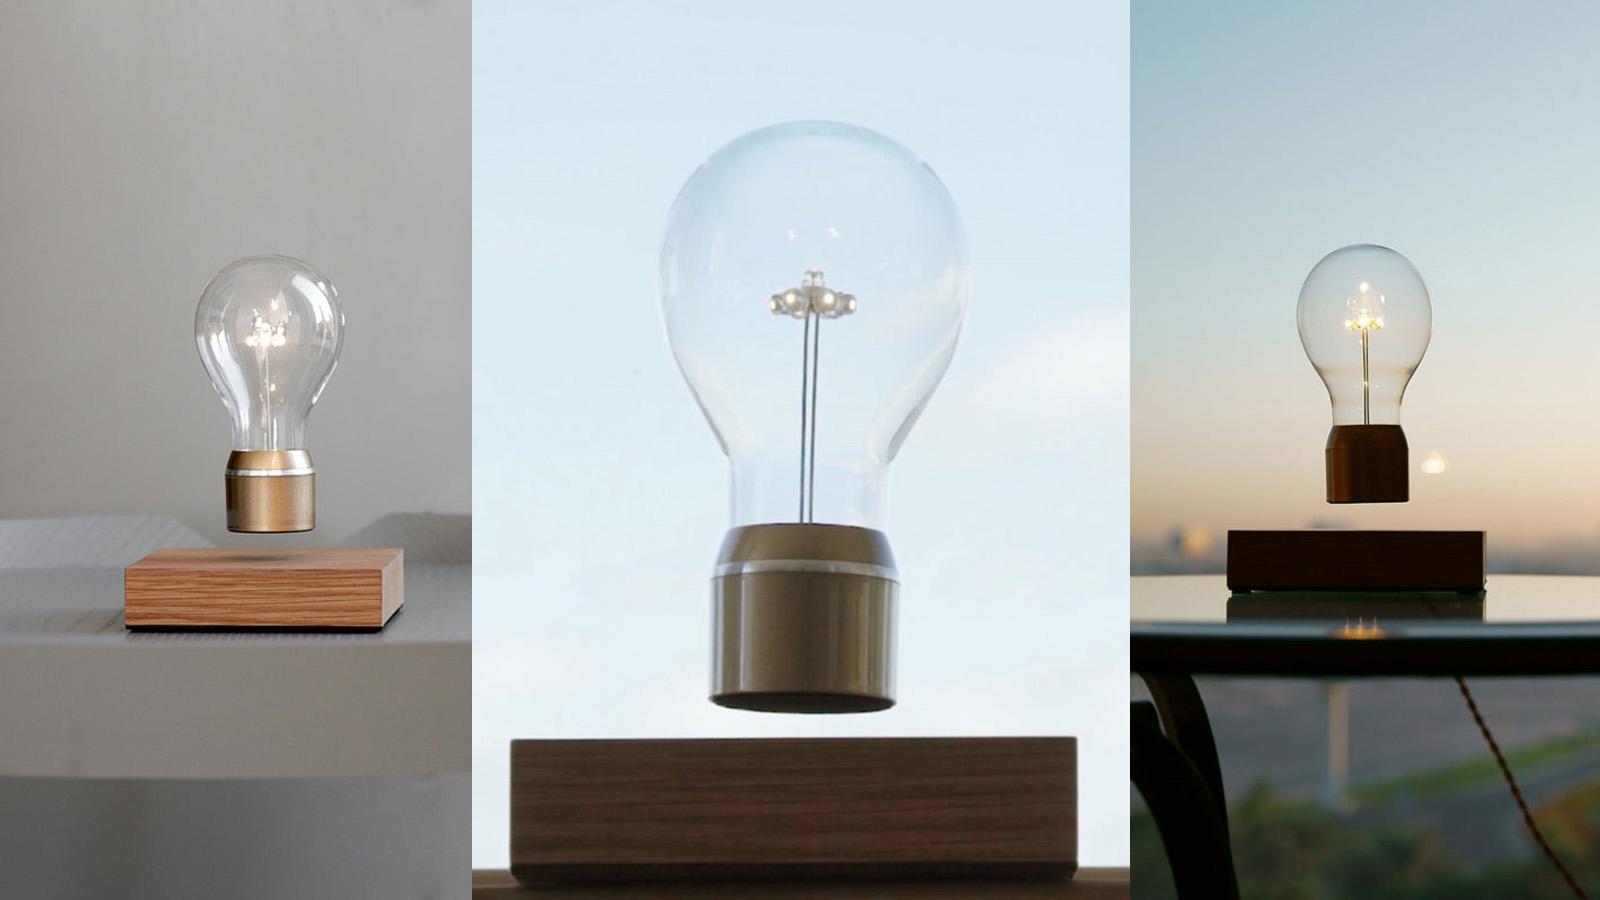 بررسی و خرید لامپ معلق مدرن محصولی خاص و منحصر به فرد